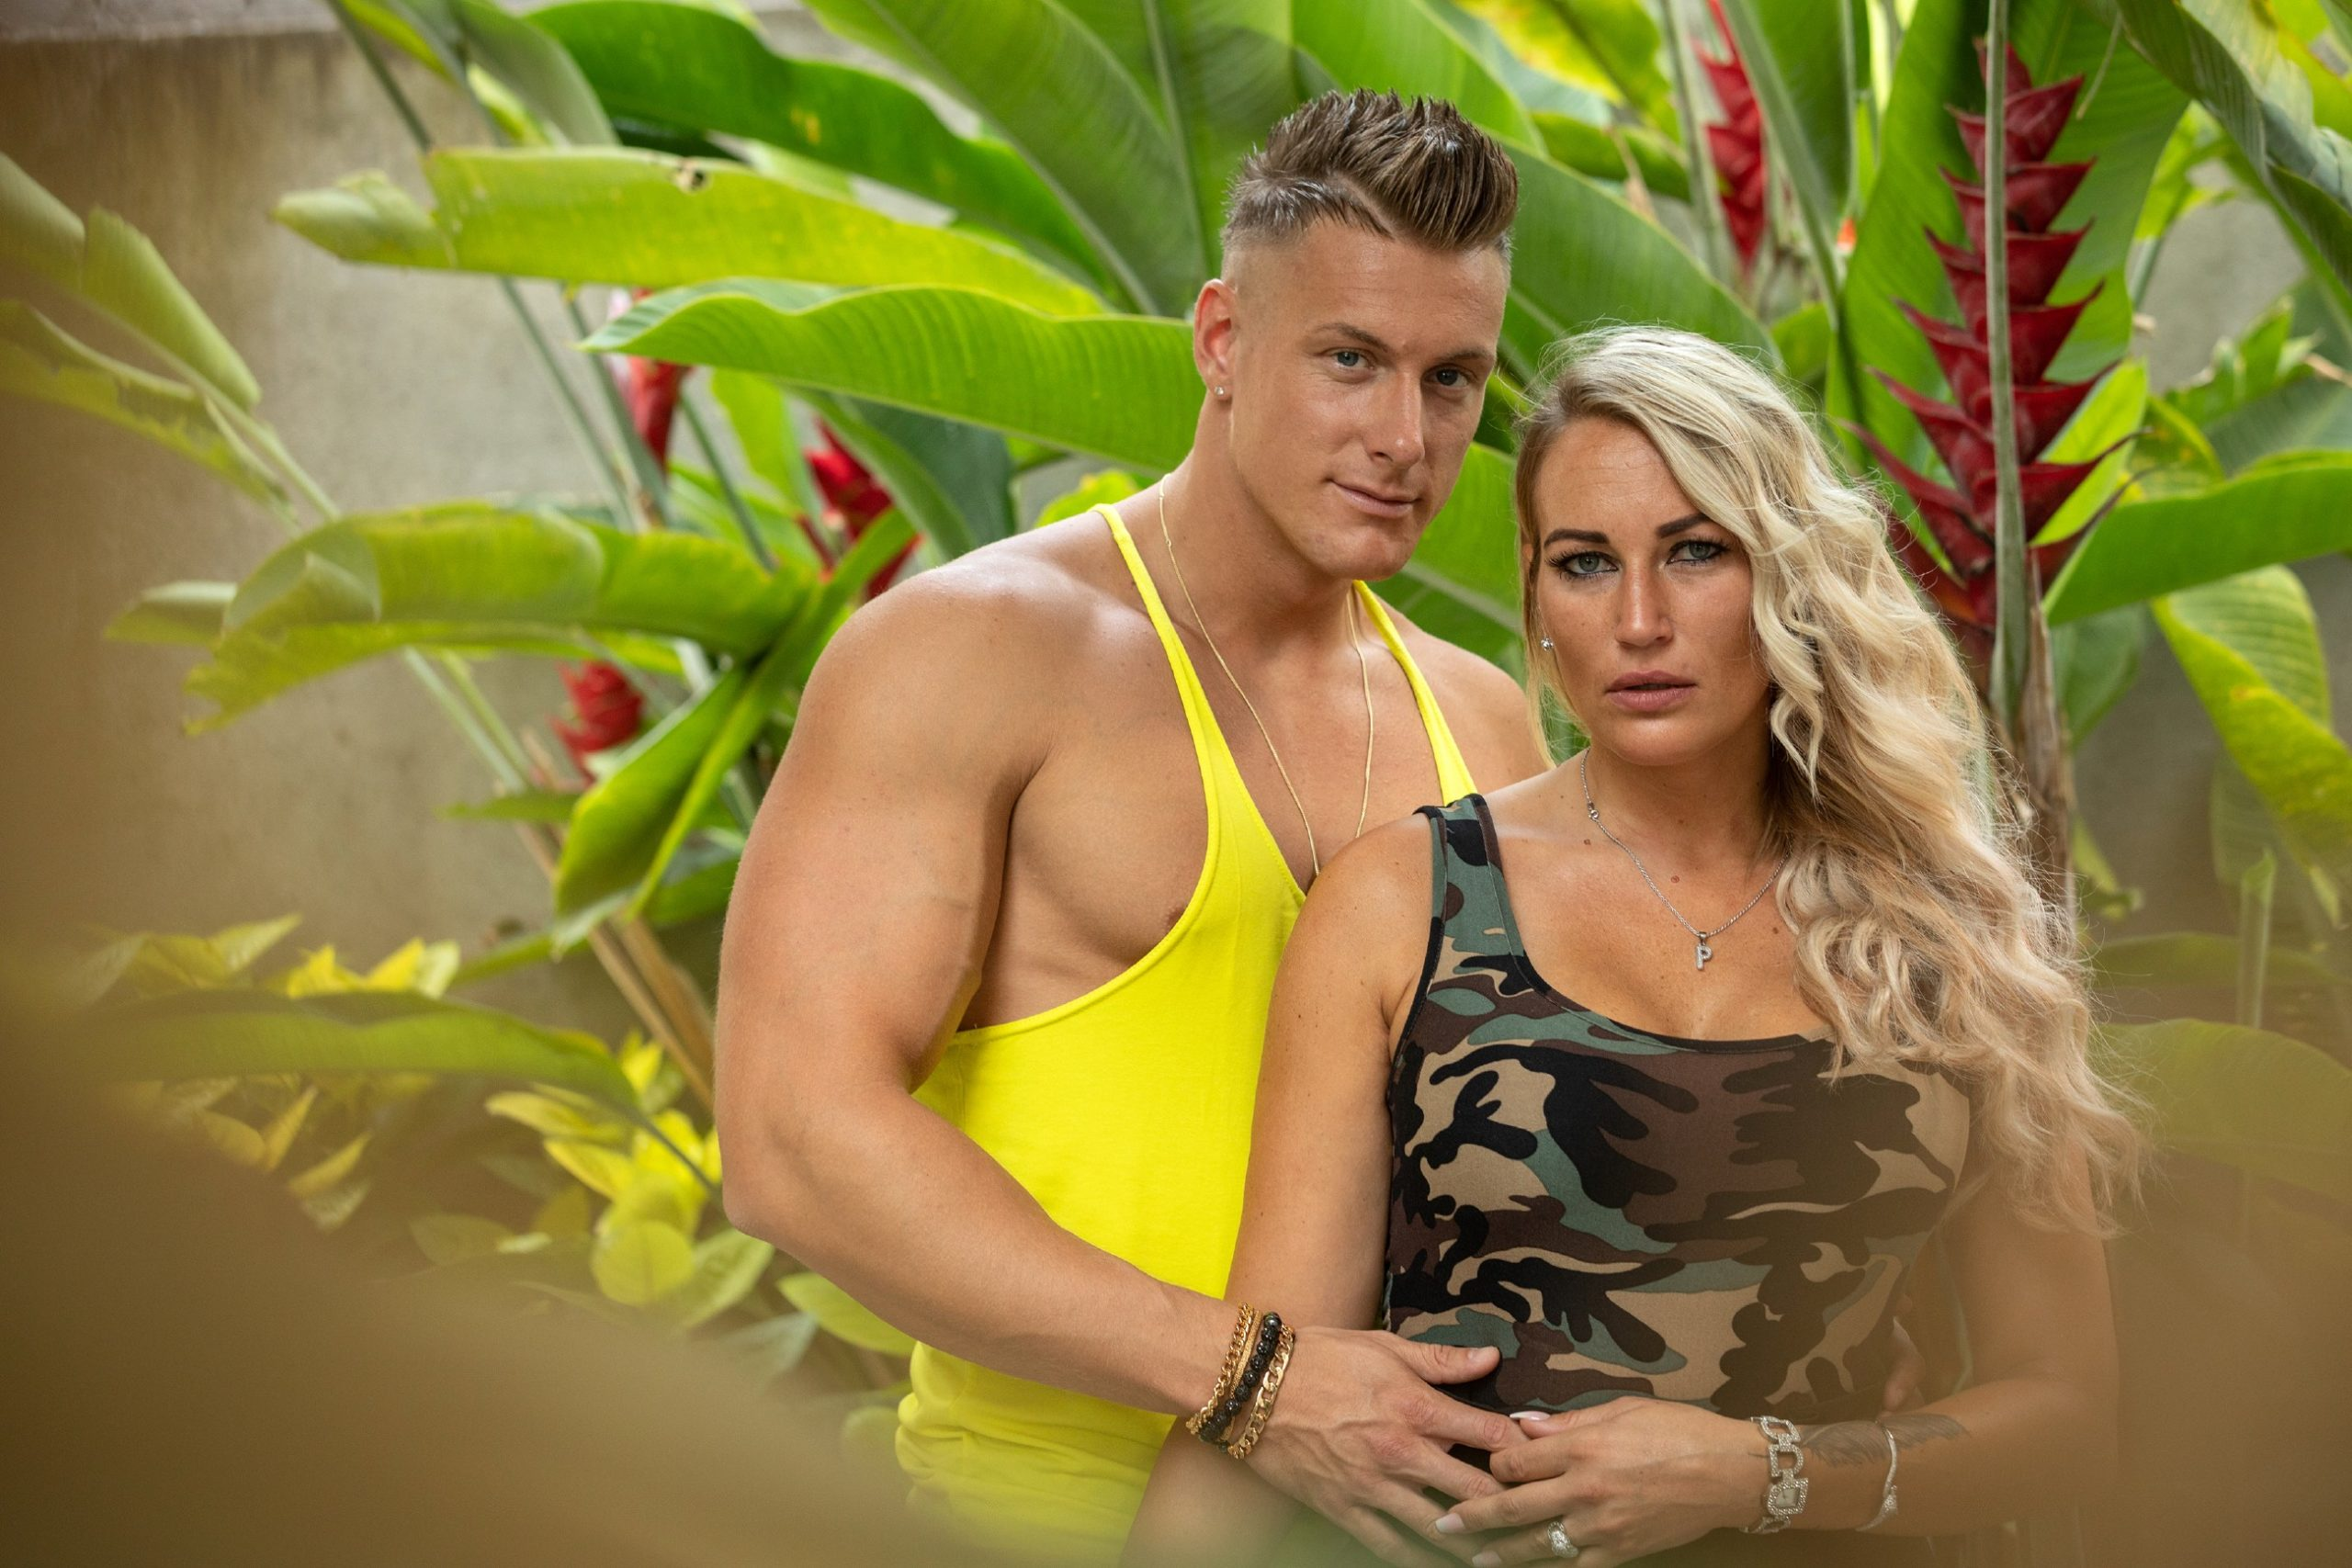 Temptation Island 2020 - Hanna und Till